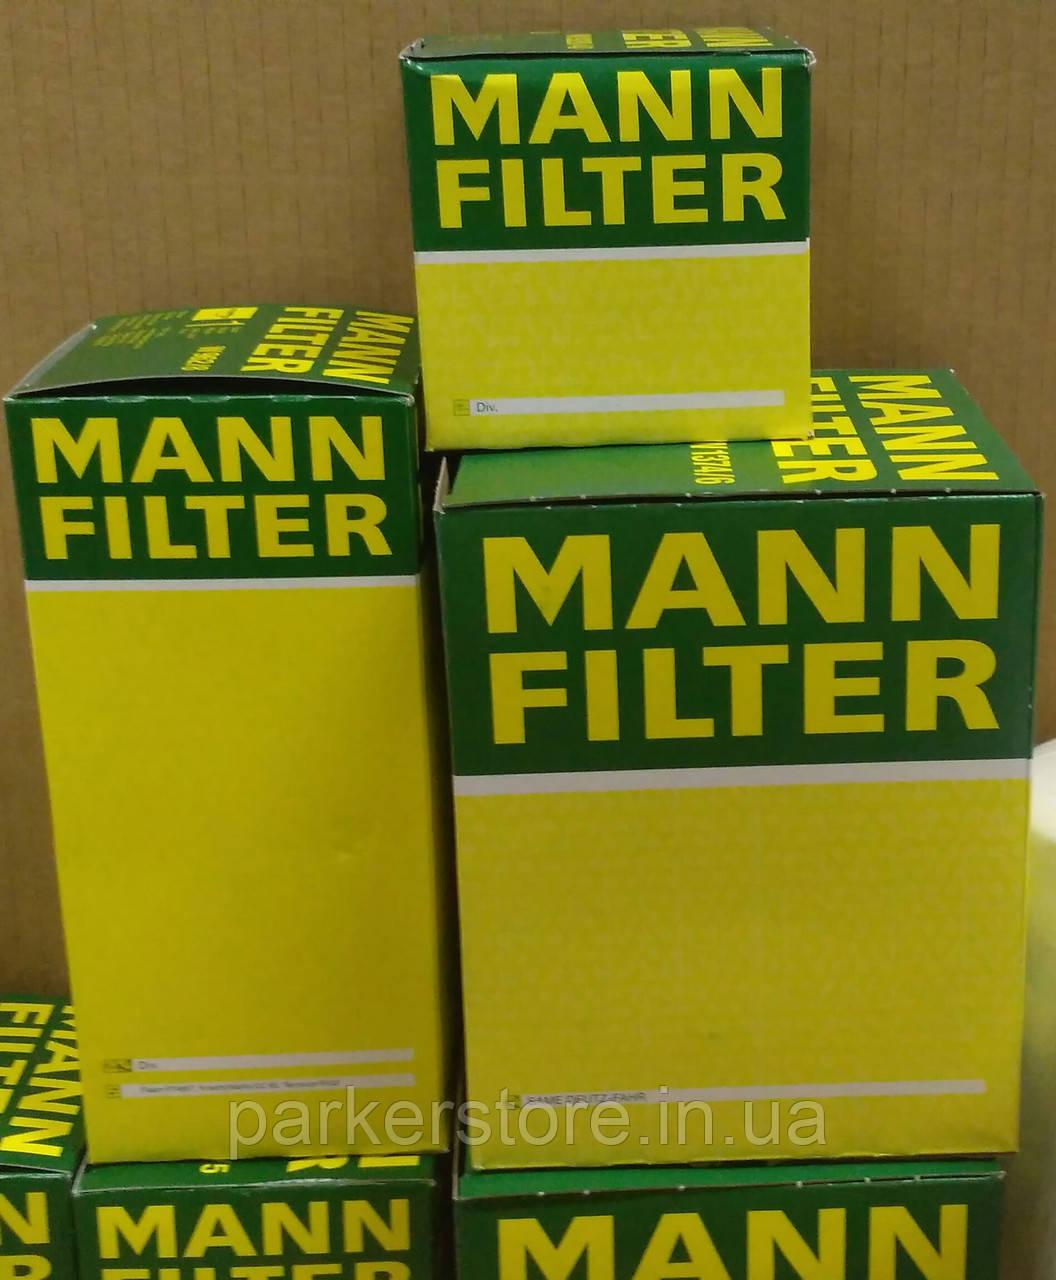 MANN FILTER / Повітряний фільтр / C 27 230 / C27230